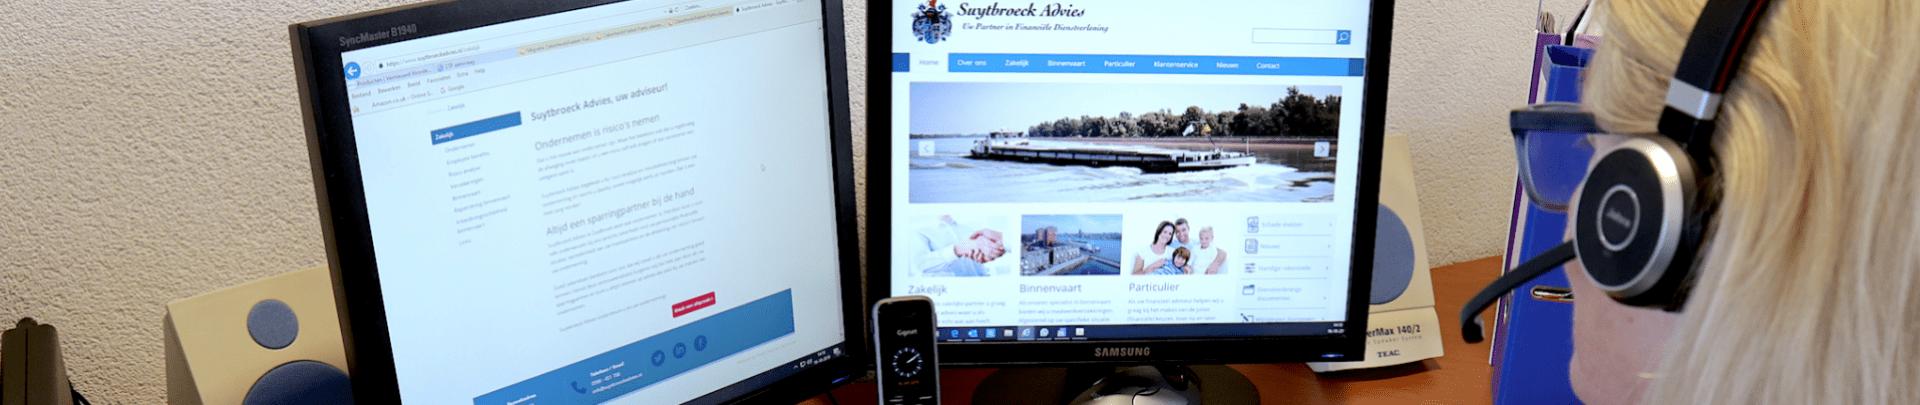 Vrouw achter beeldscherm met de site van Suytbroeck Advies in beeld